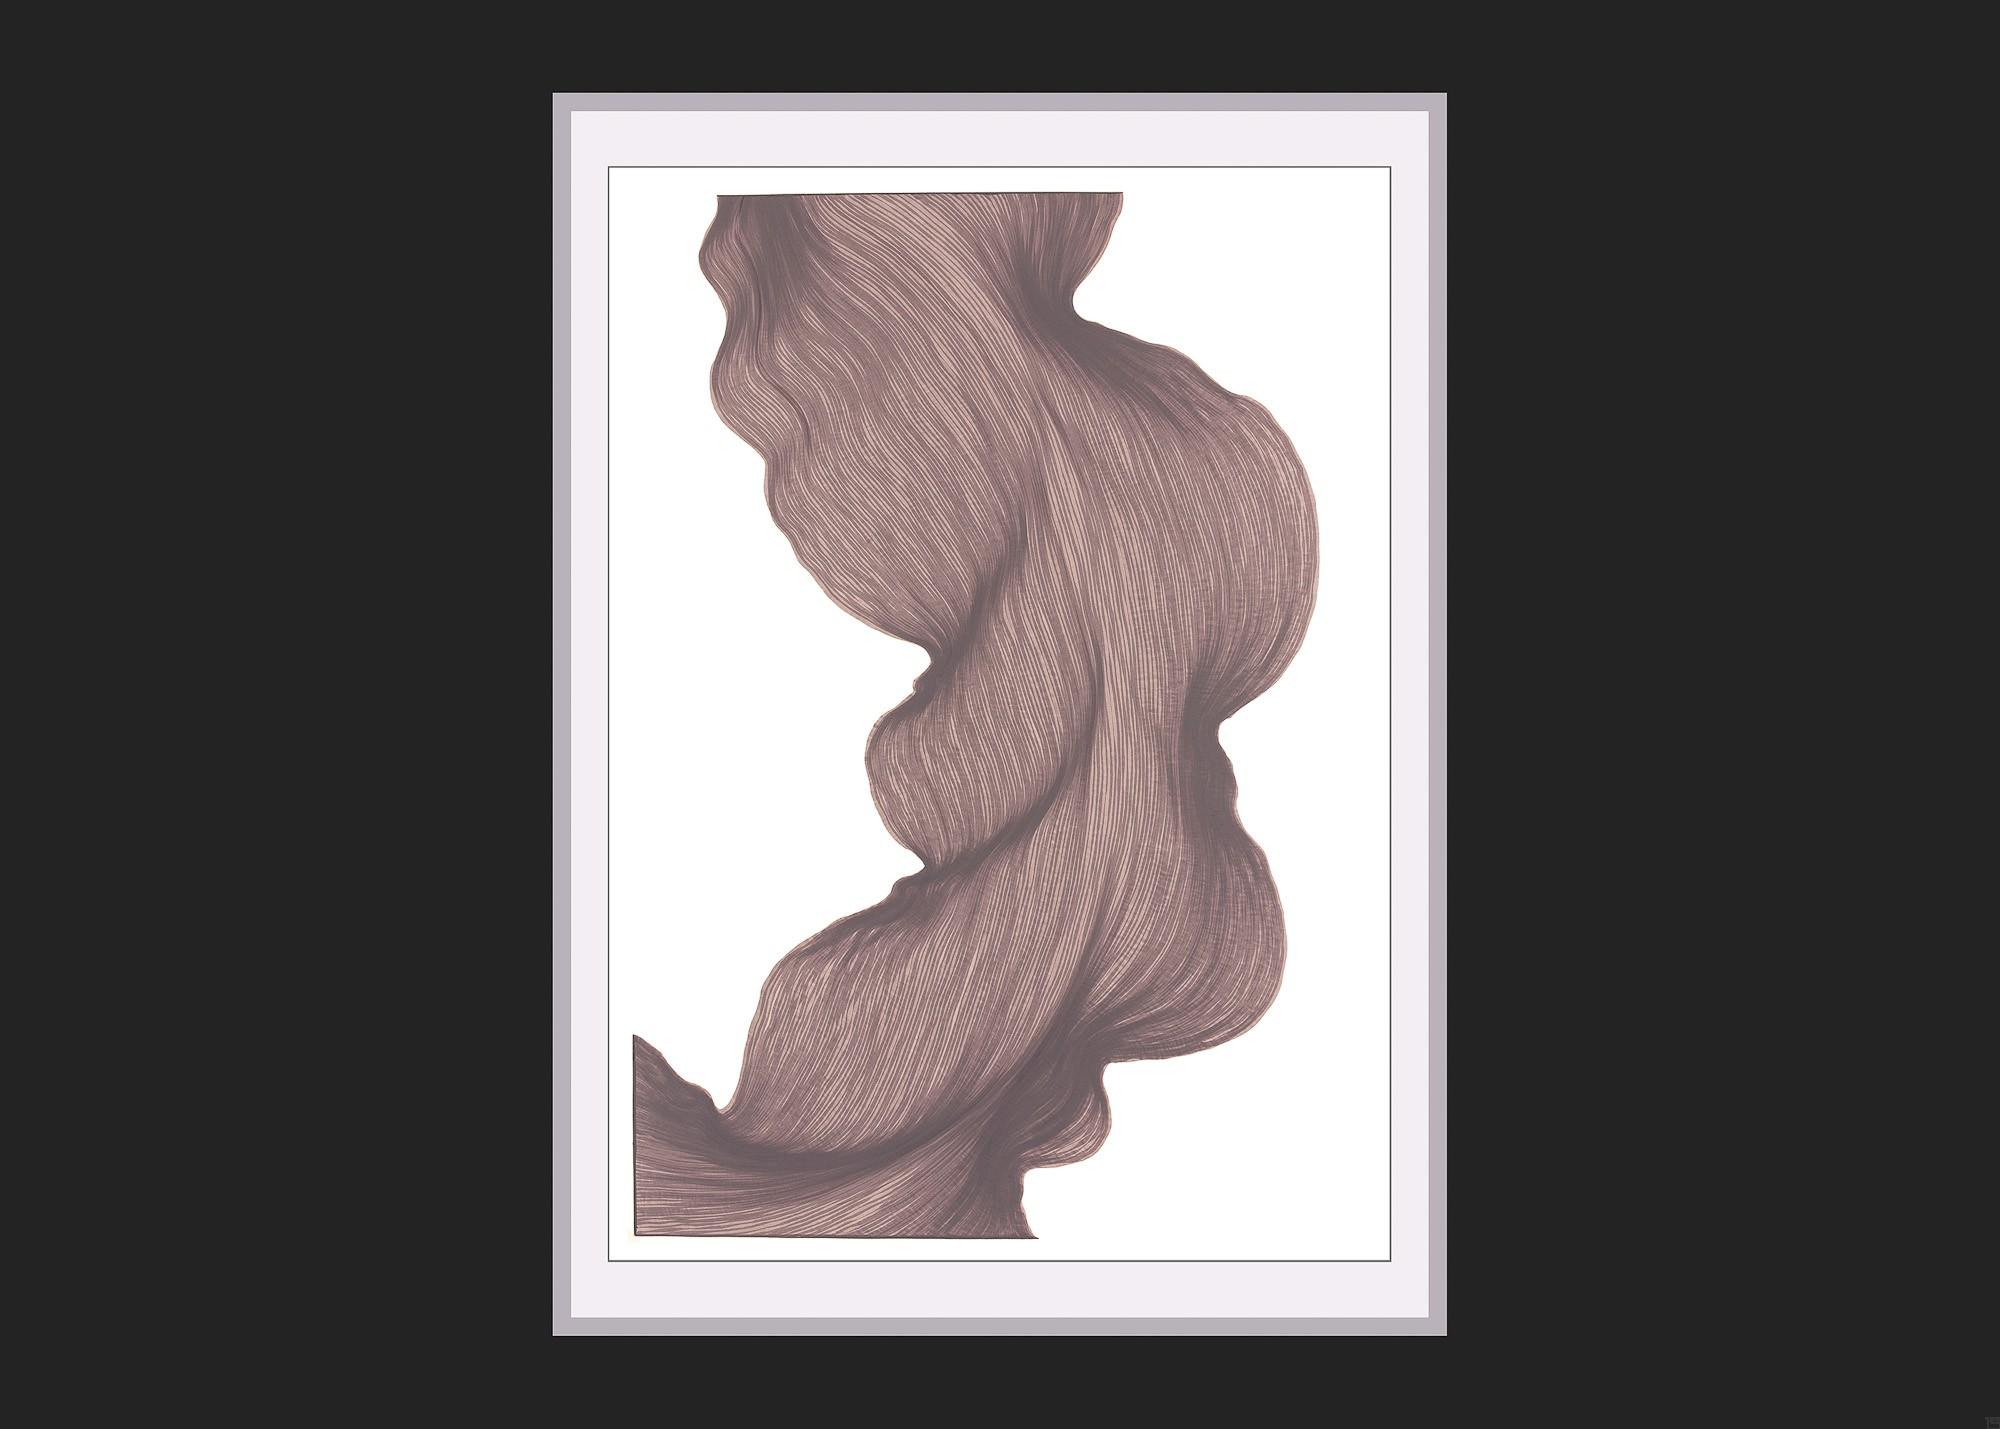 Old Lavender | Lali Torma | Zeichnung | Kalligraphie Tinte auf Papier - gerahmt